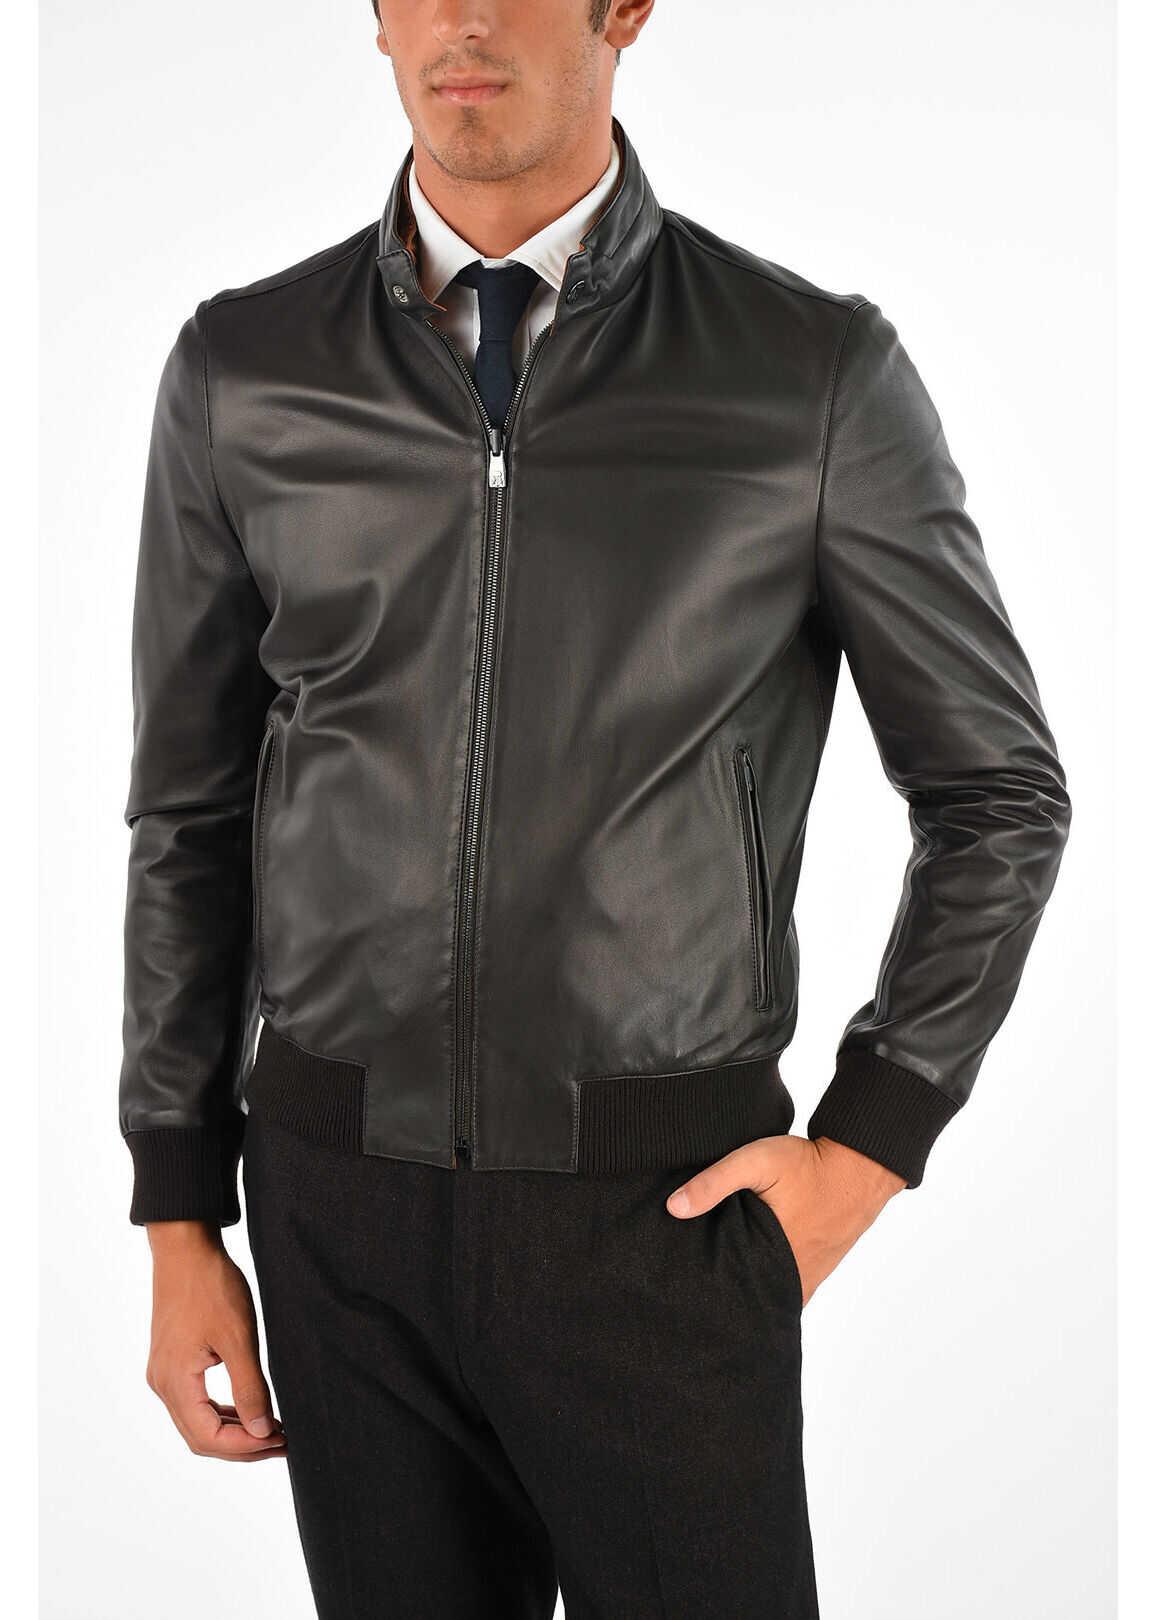 CORNELIANI ID Reversible Leather Jacket BROWN